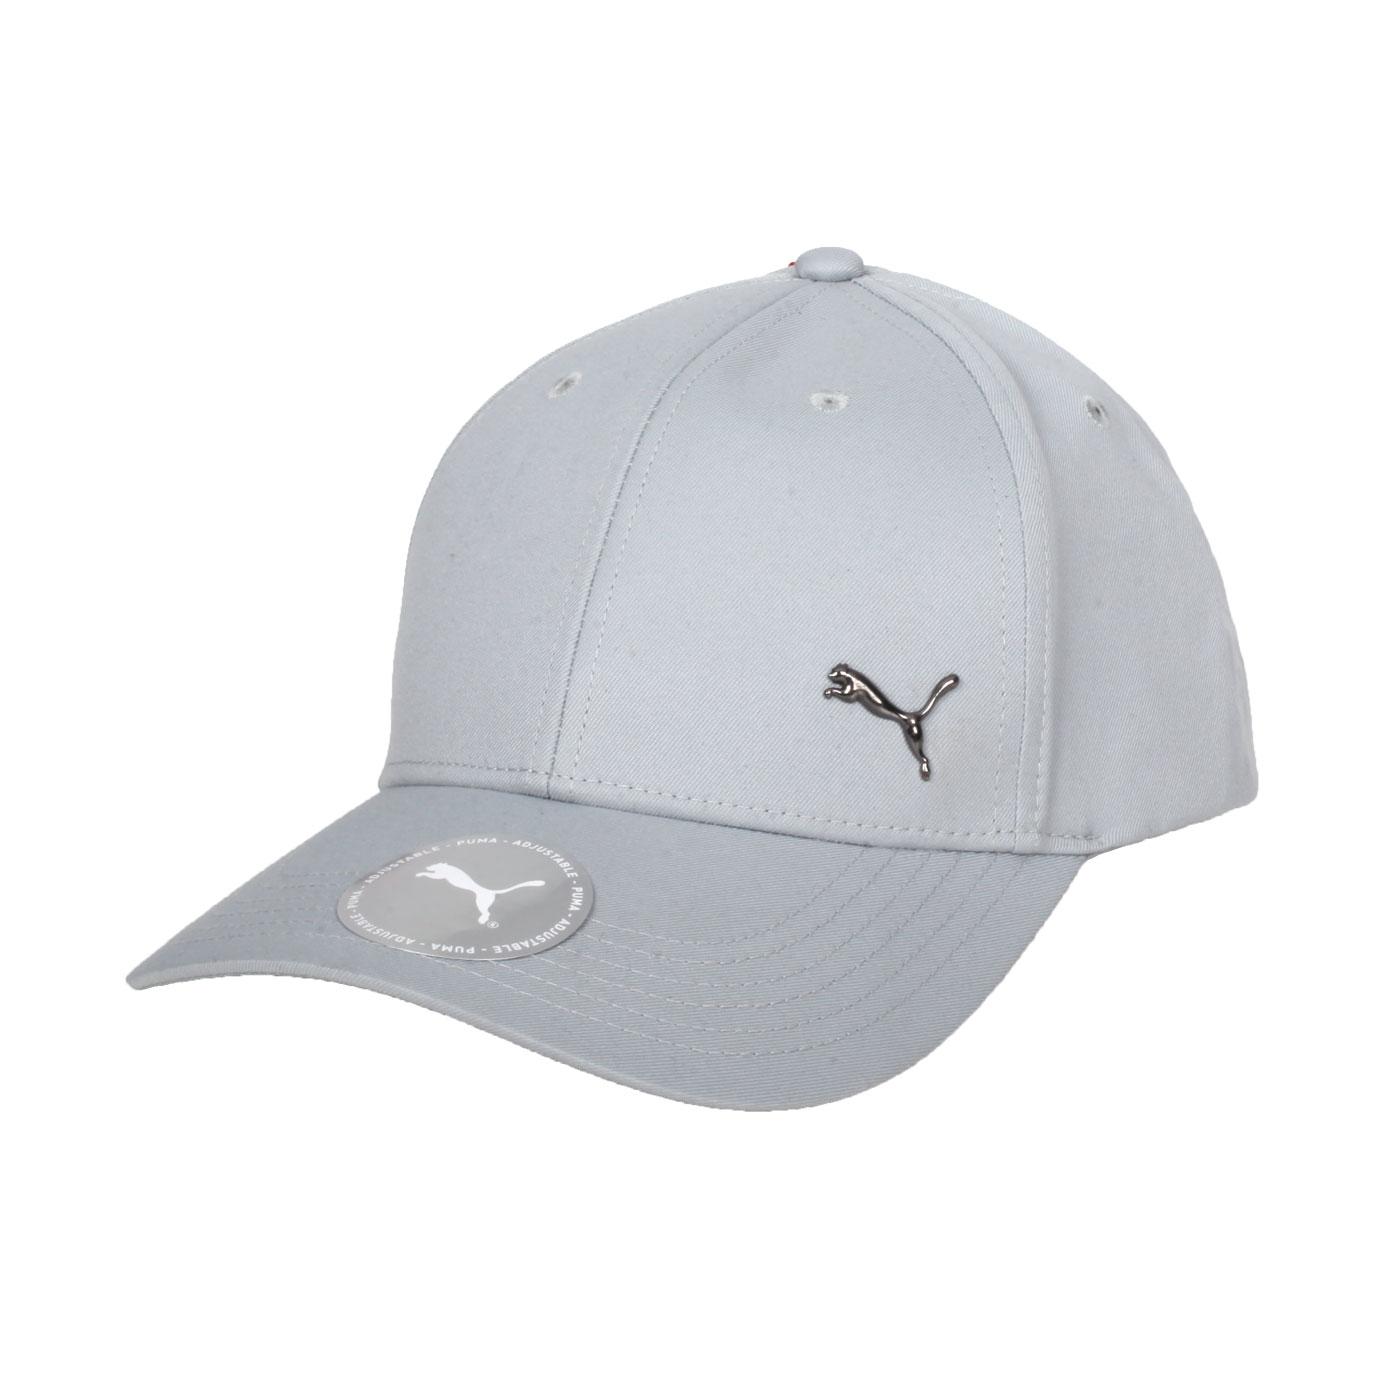 PUMA 基本系列棒球帽 02126919